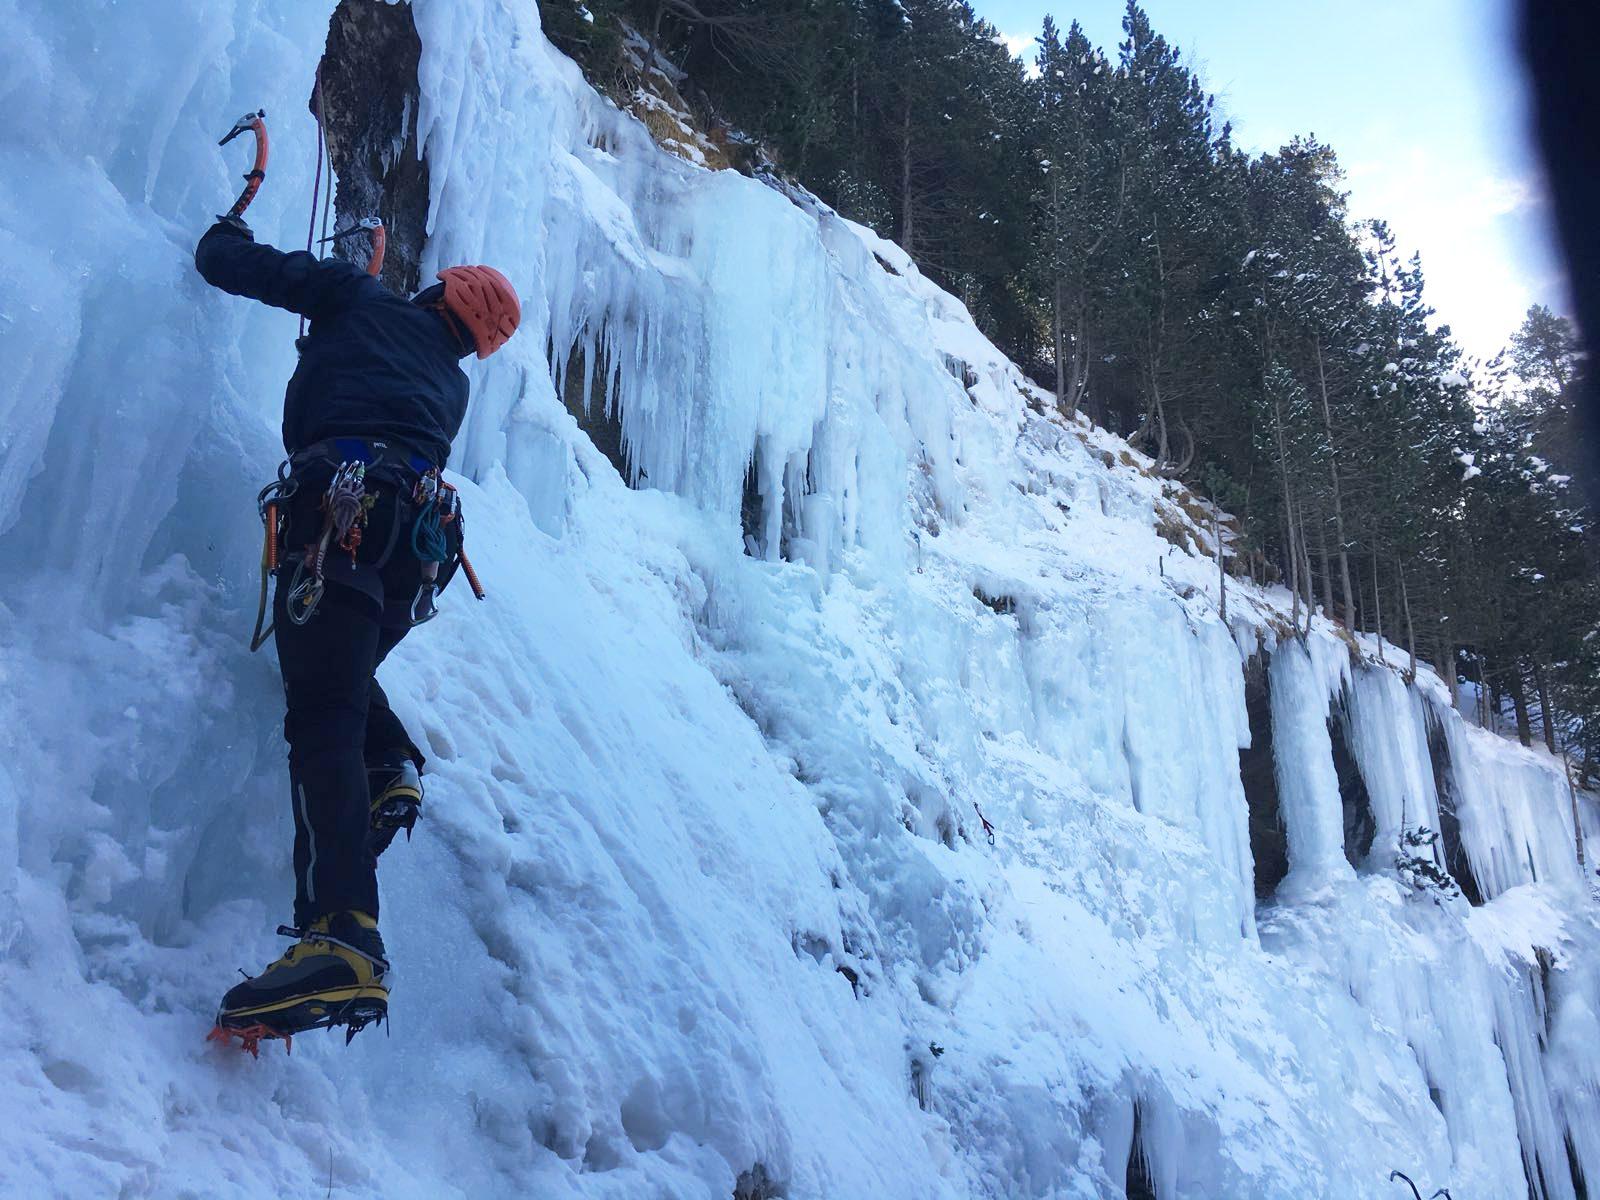 Curso de escalada en hielo (Sierra Nevada)